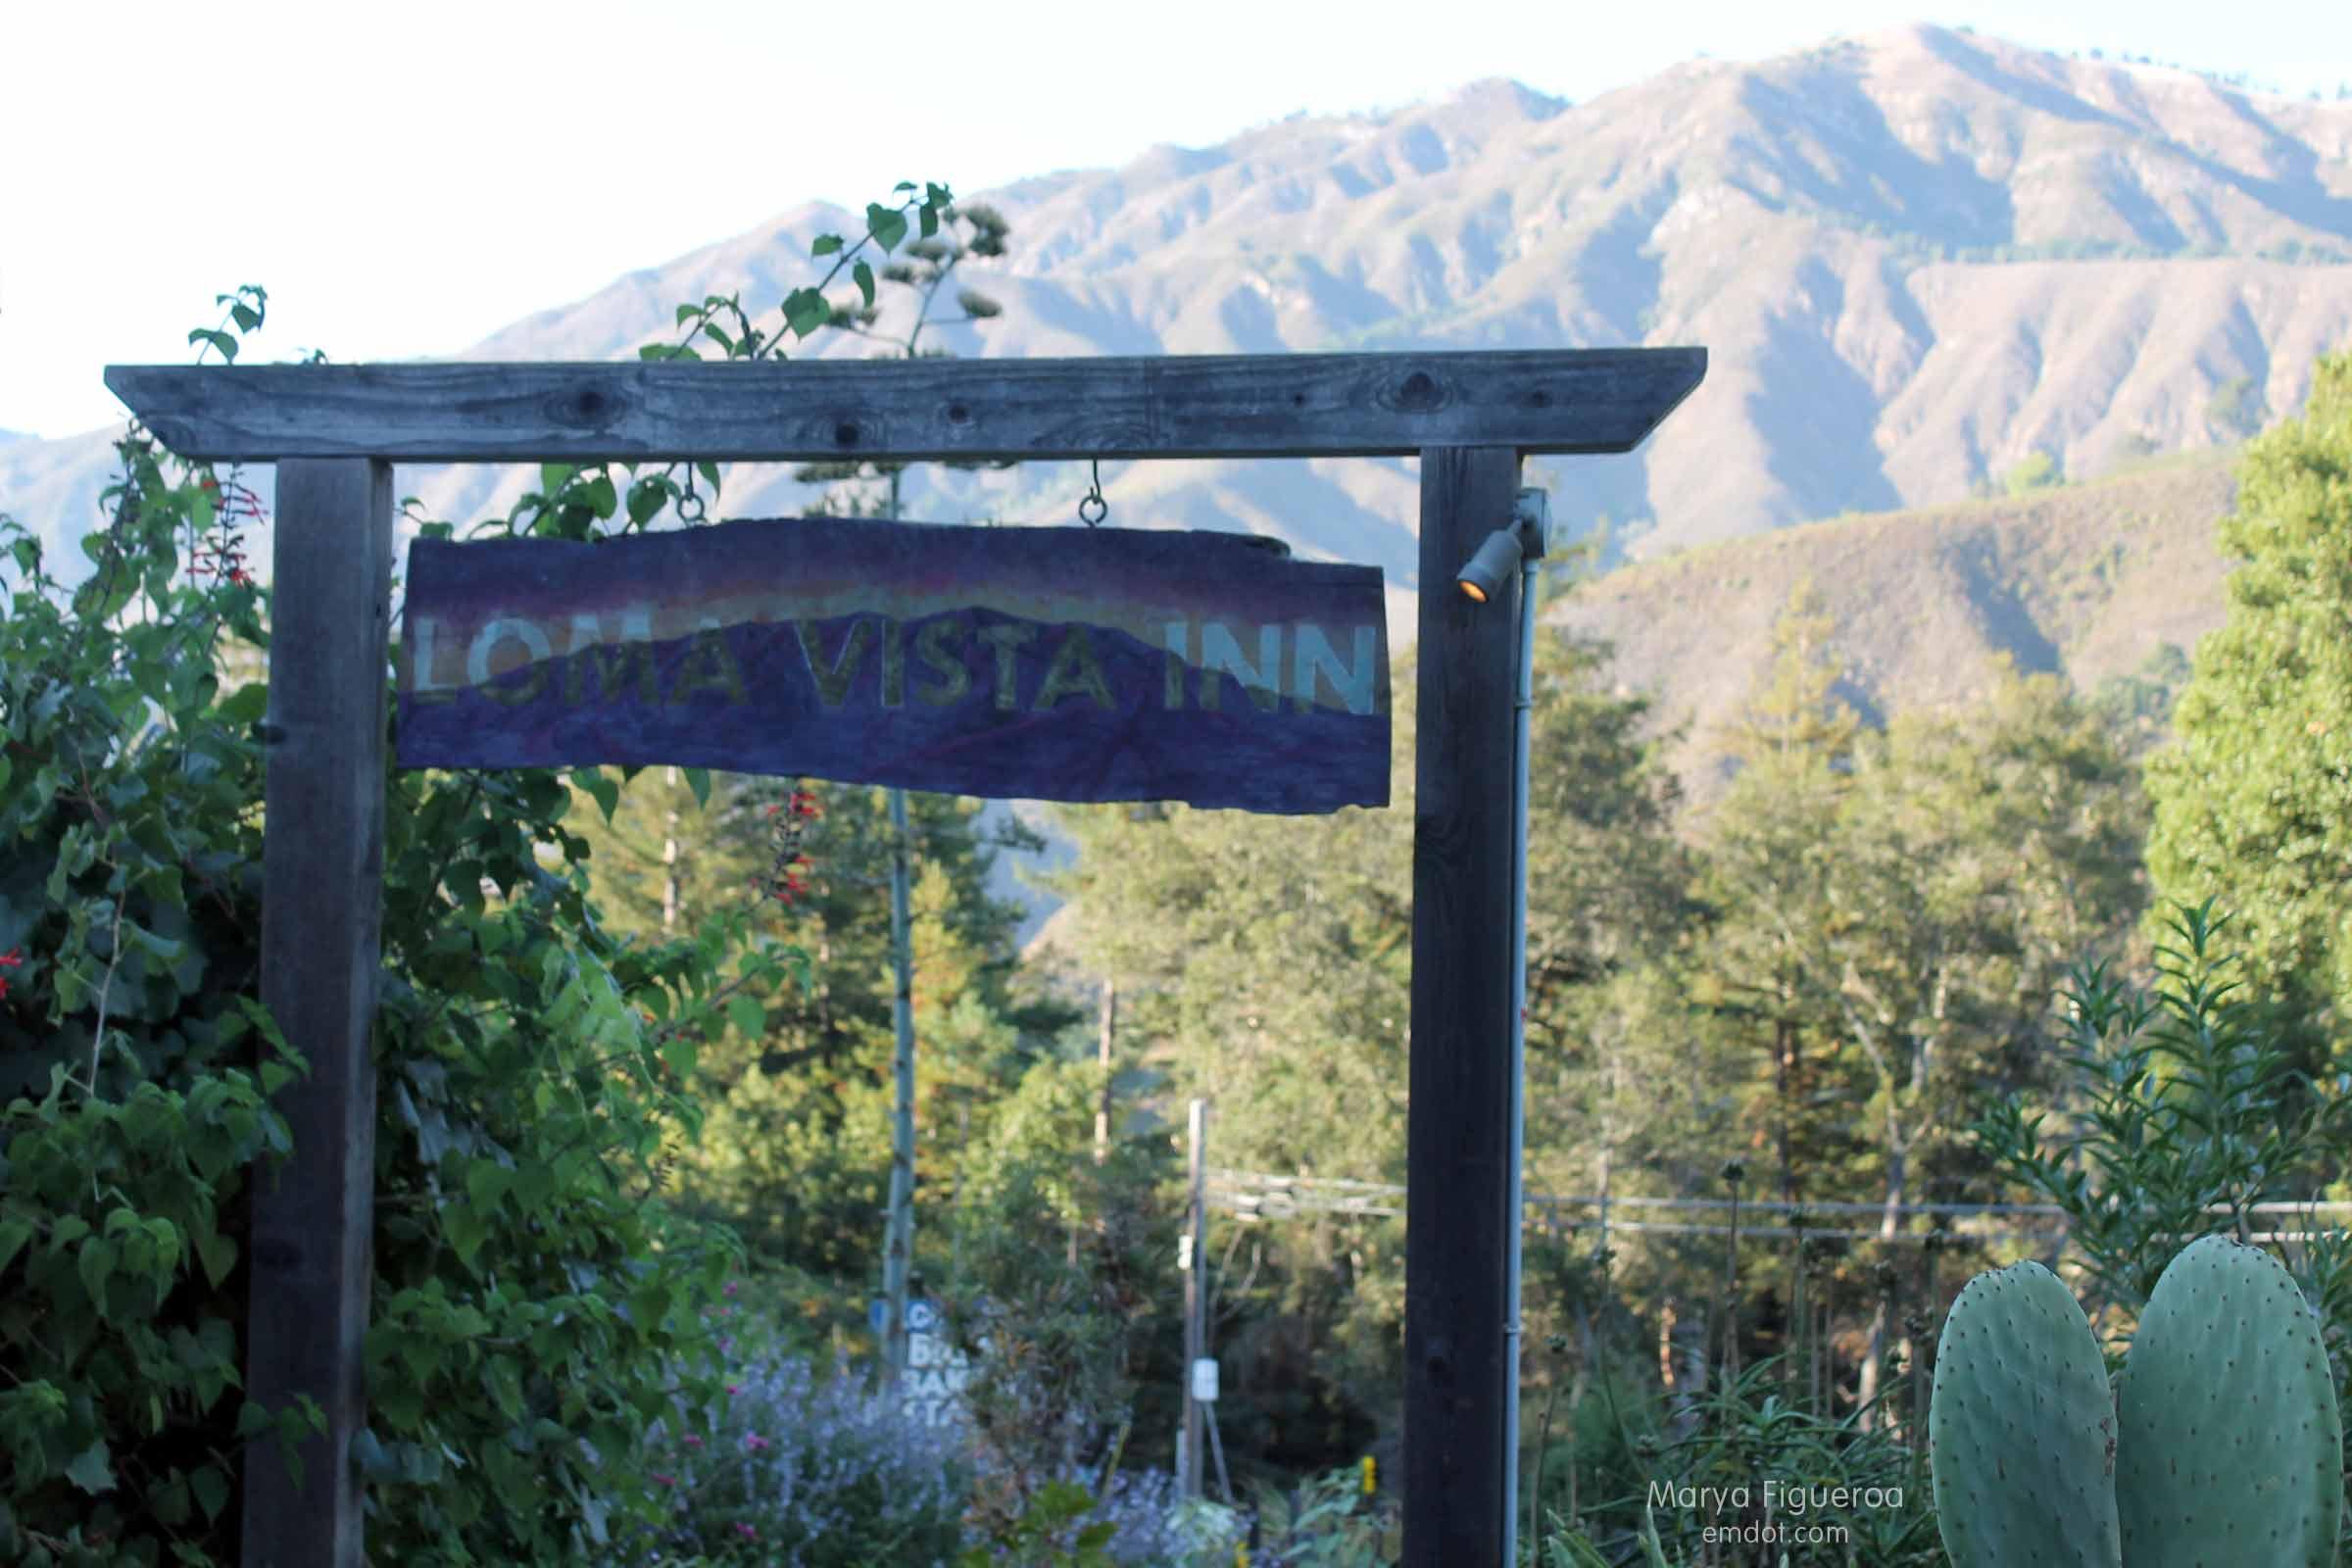 Loma Vista sign